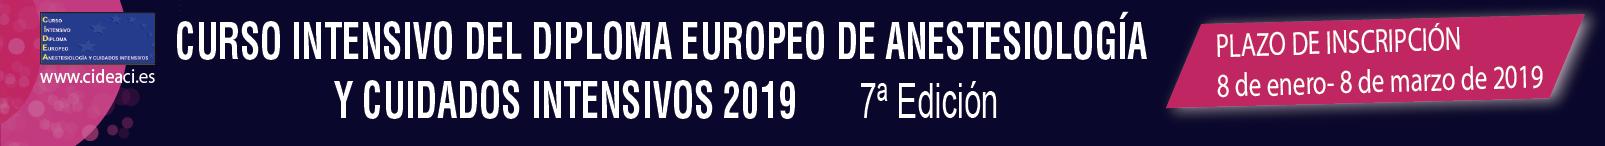 Curso Diploma Europeo